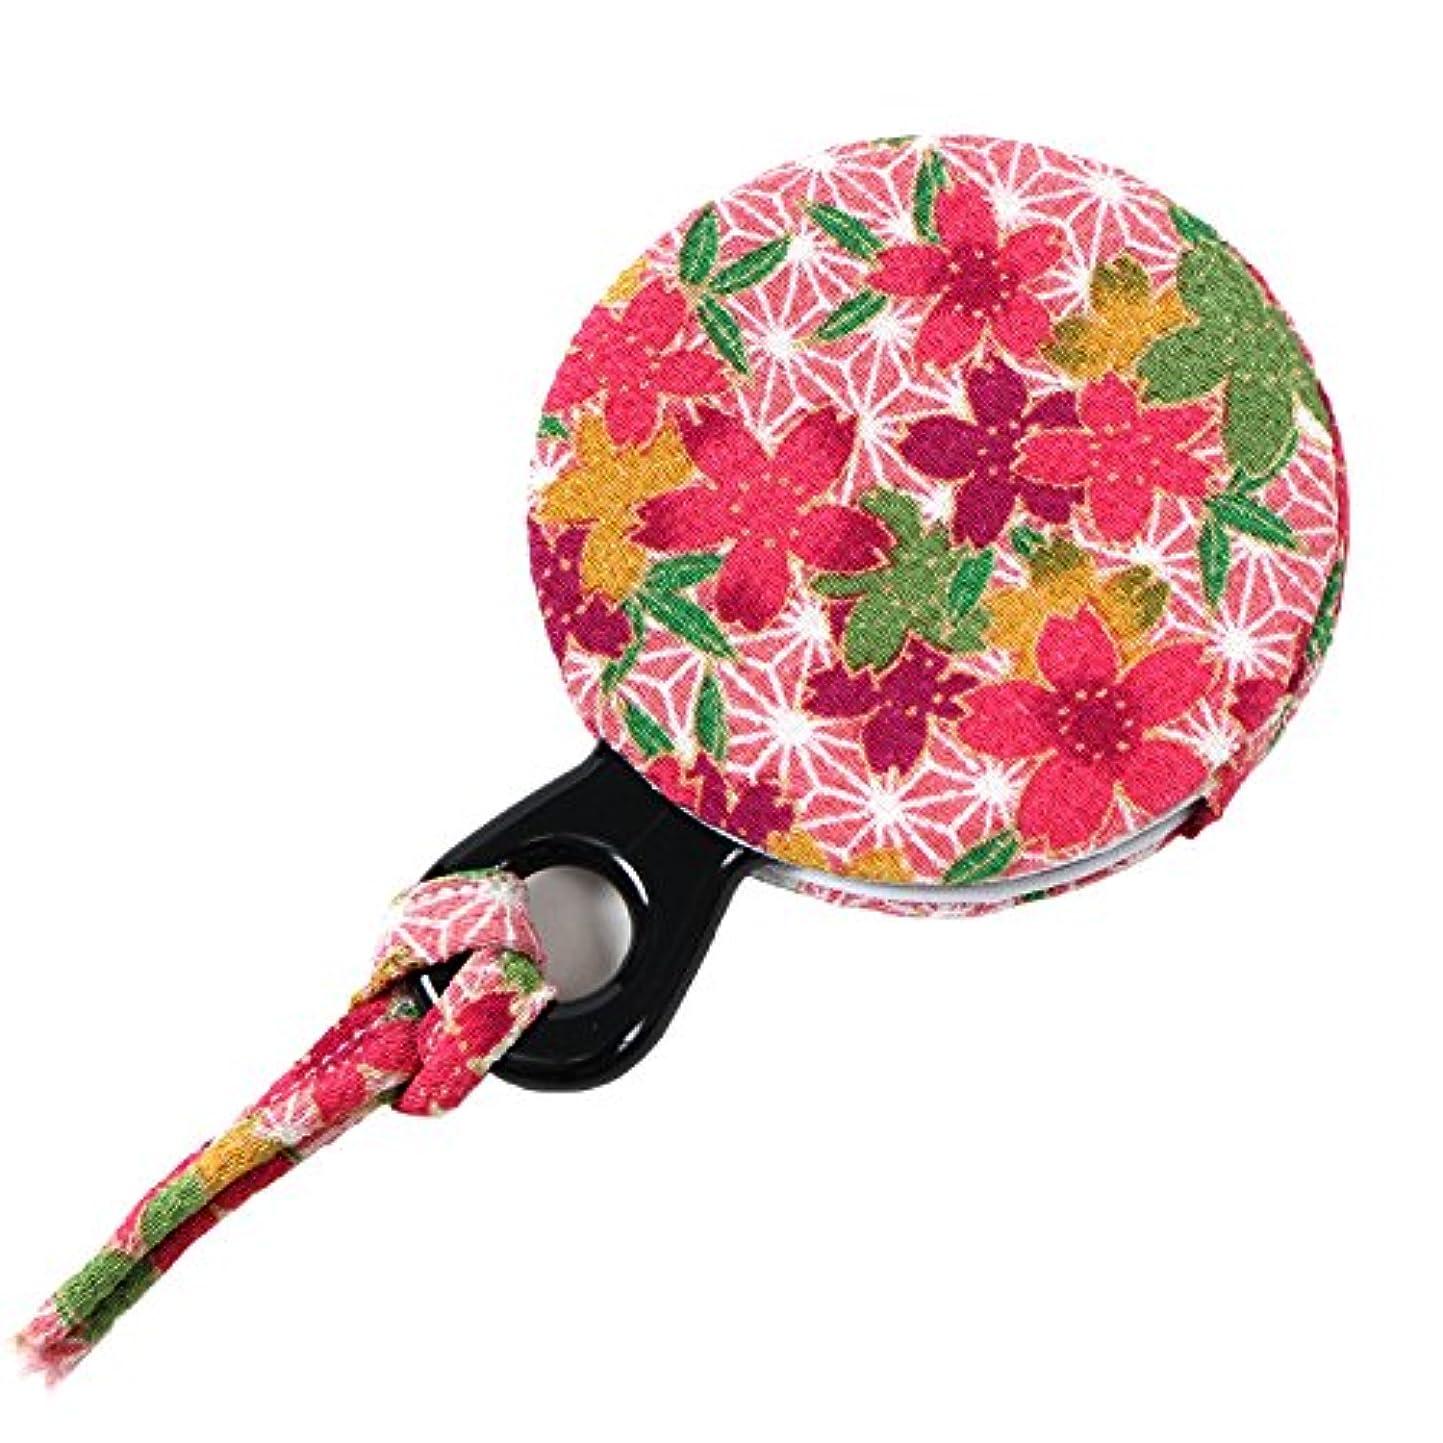 深める鷹元に戻す小紋工房 手鏡 賑い麻の葉桜(ピンク) 二越ちりめん 京都 和KOMONO 江戸小紋 1304